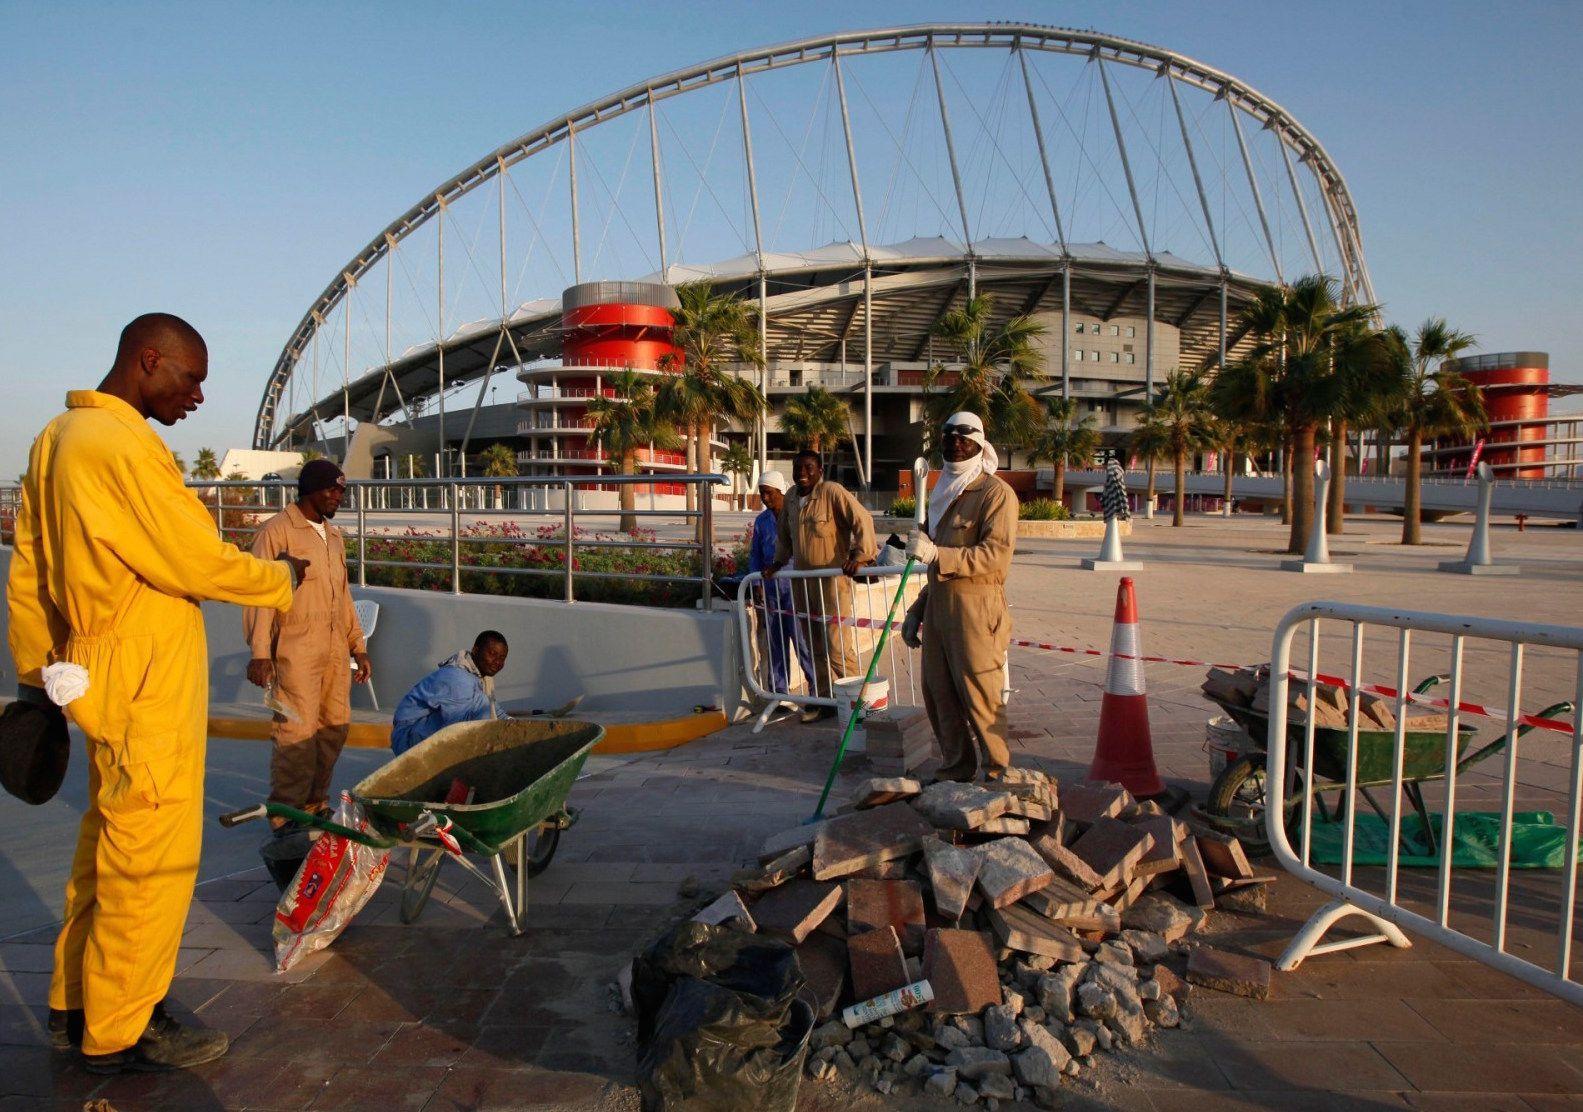 Mondiali 2022 in Qatar: il silenzio sulle condizioni disumane degli operai che lavorano agli stadi